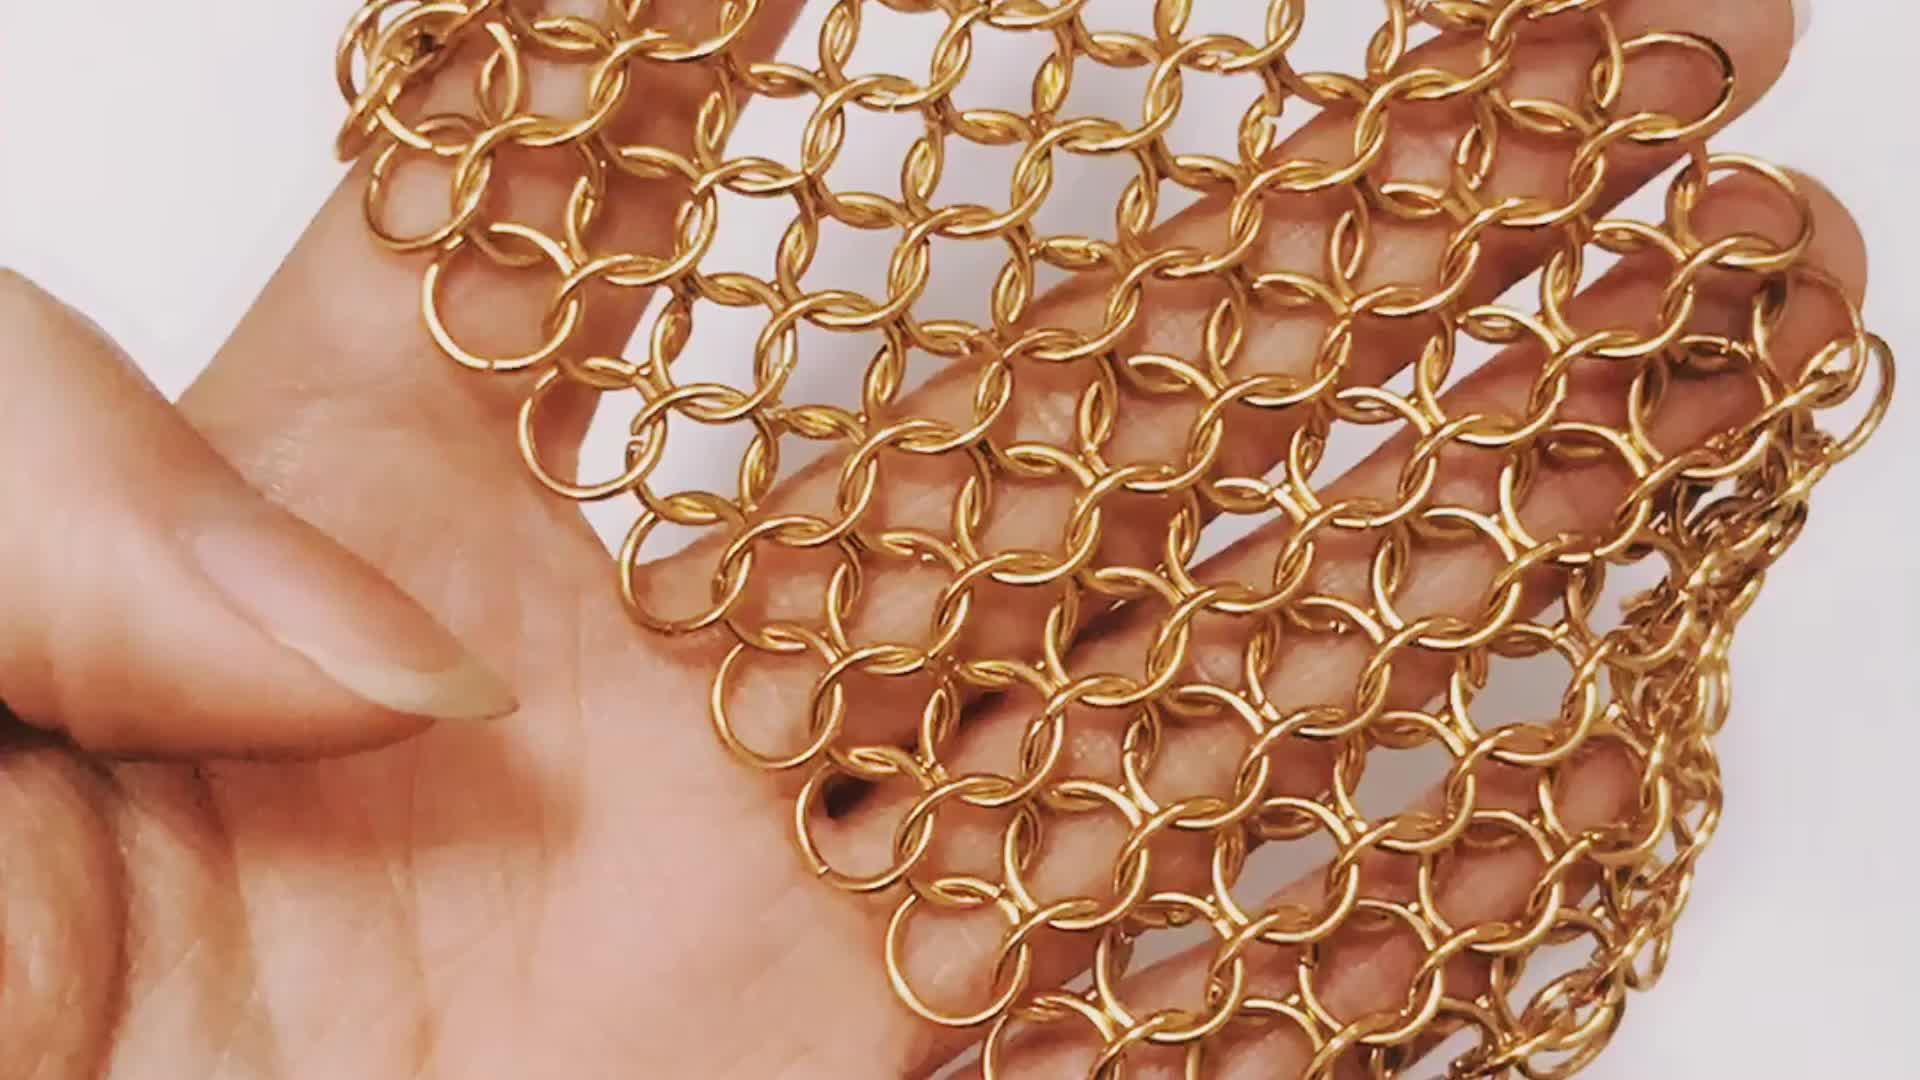 Flessibile architettonica anti-cut metallo anello in acciaio inox di maglia